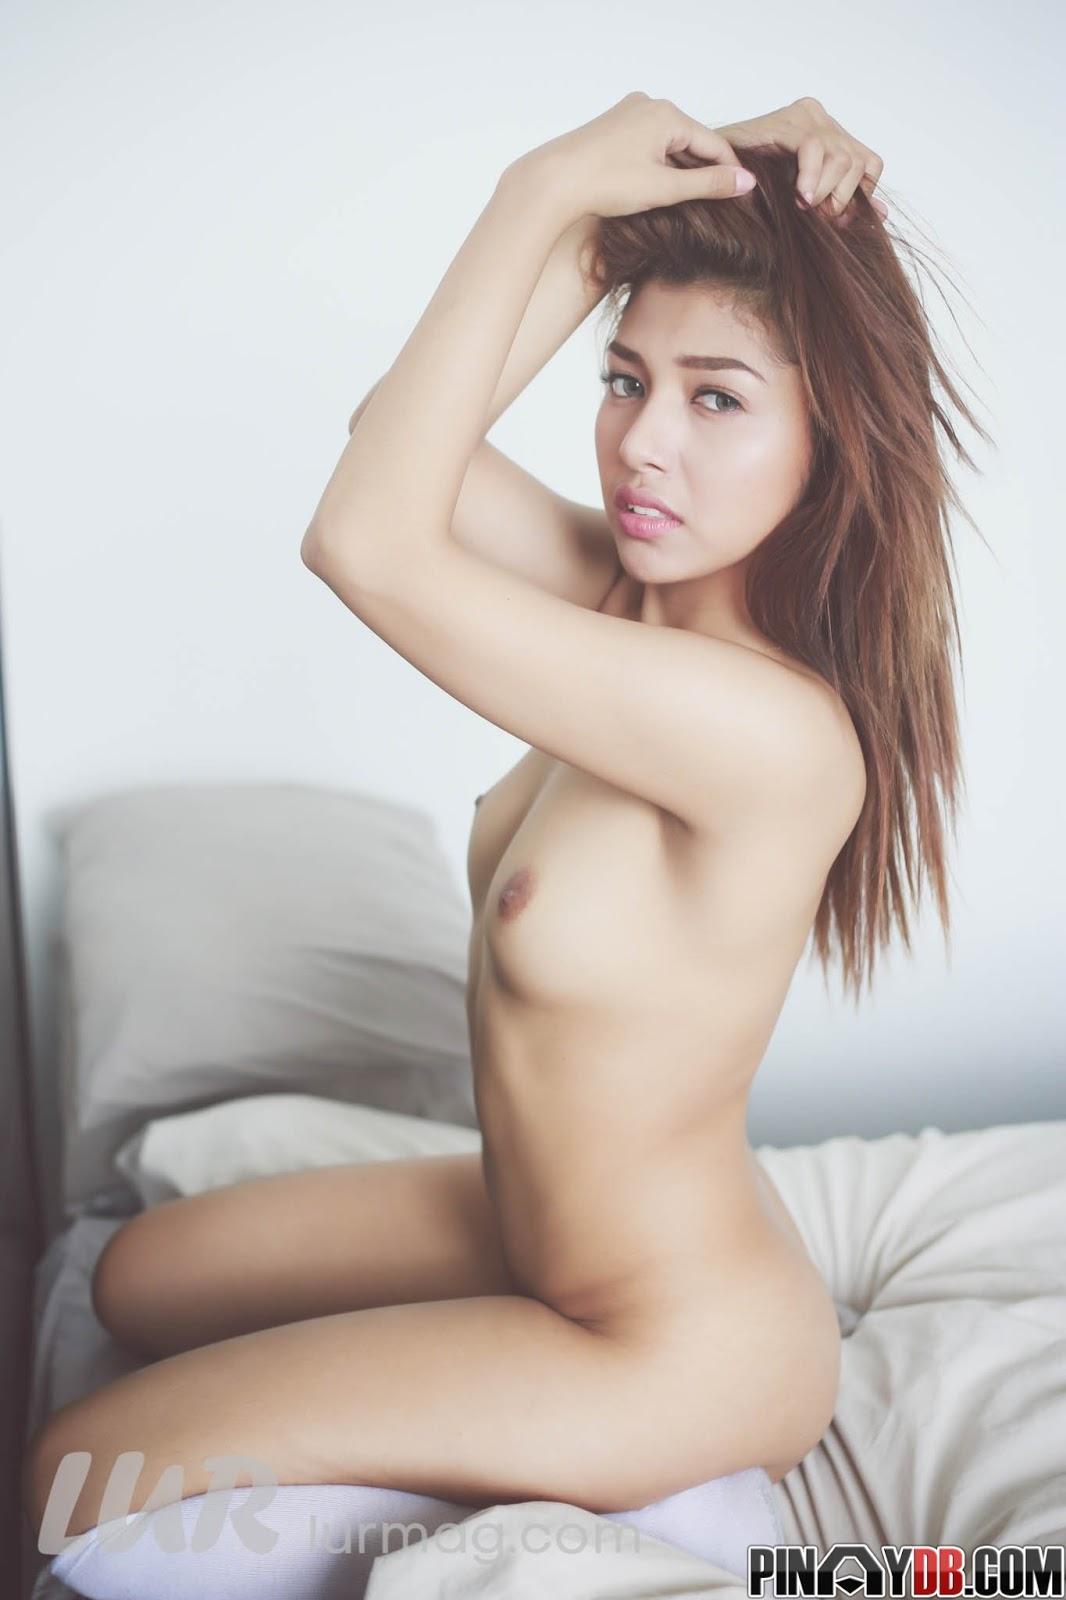 maricon escosis sexy naked pics 01